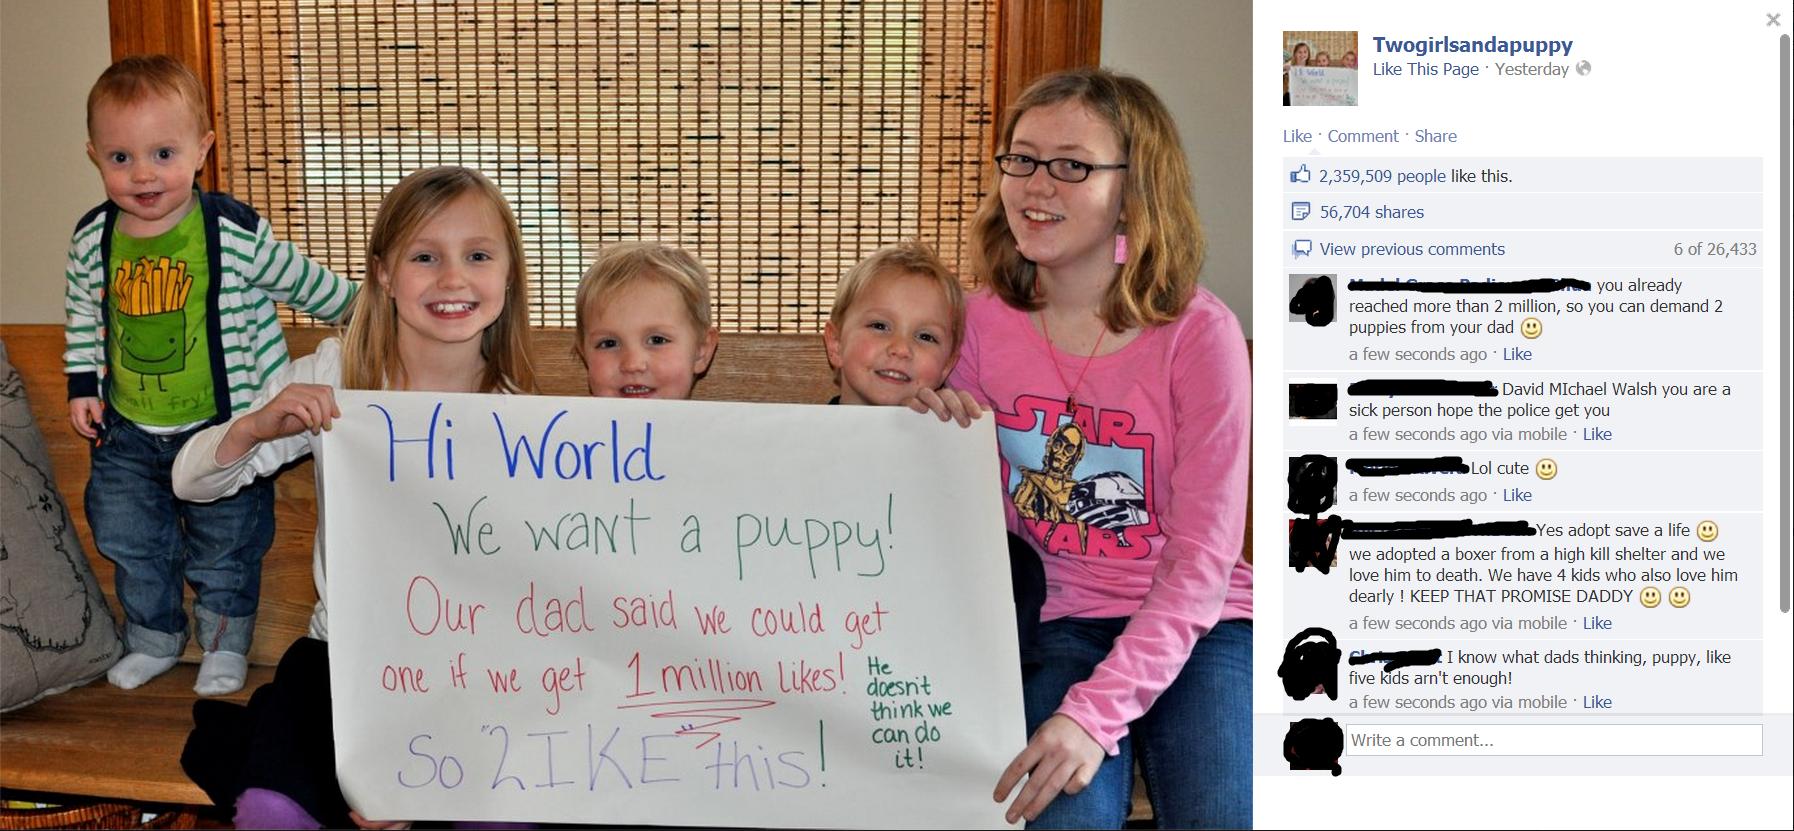 Puppy. What an asshole, just get your kids a damn puppy.. Puppy What an asshole just get your kids a damn puppy